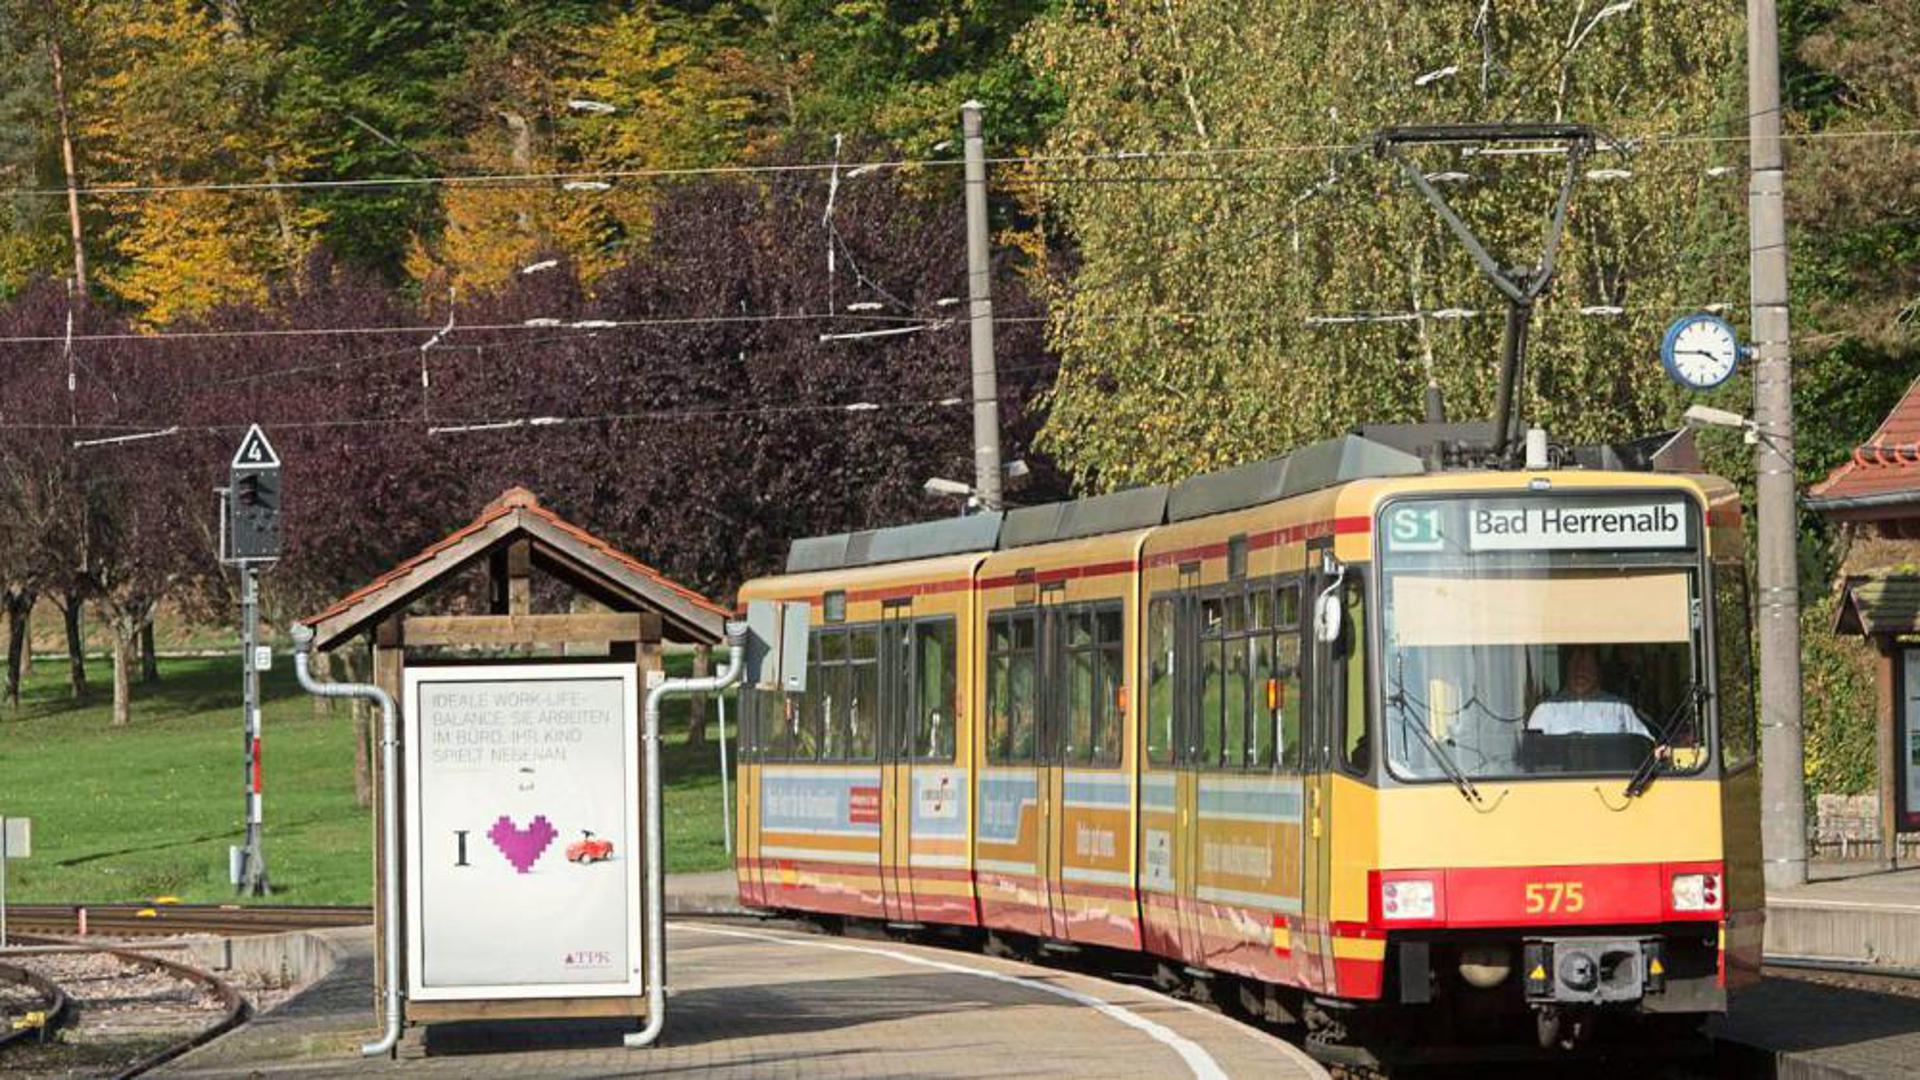 Der Ursprung der Albtal- und Verkehrs-Gesellschaft (AVG) ist die Strecke zwischen Bad Herrenalb und Ettlingen. Die Gleise liegen in zwei Landreisen.